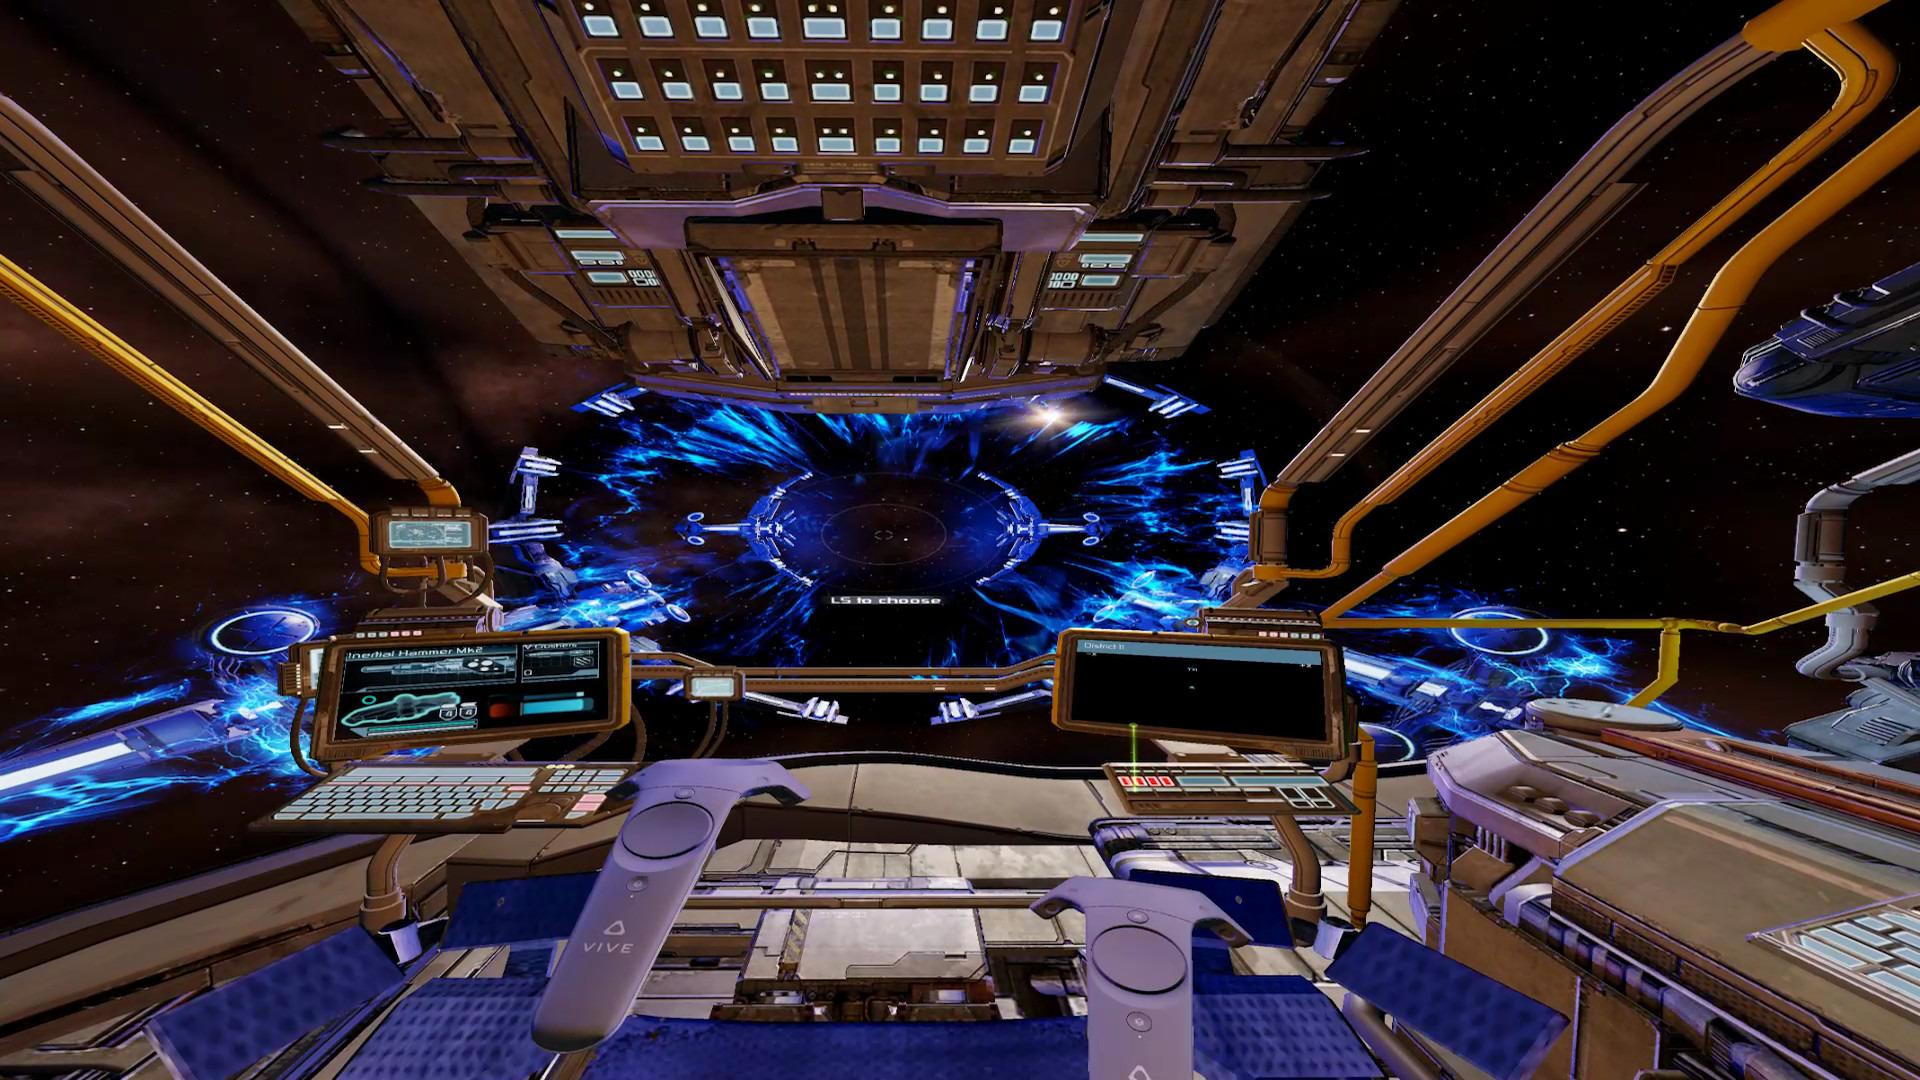 有名宇宙船sfシムがvr化 X Rebirth Vr Edition Steam早期アクセス開始 X4 新情報はgamescomで Game Spark 国内 海外ゲーム情報サイト